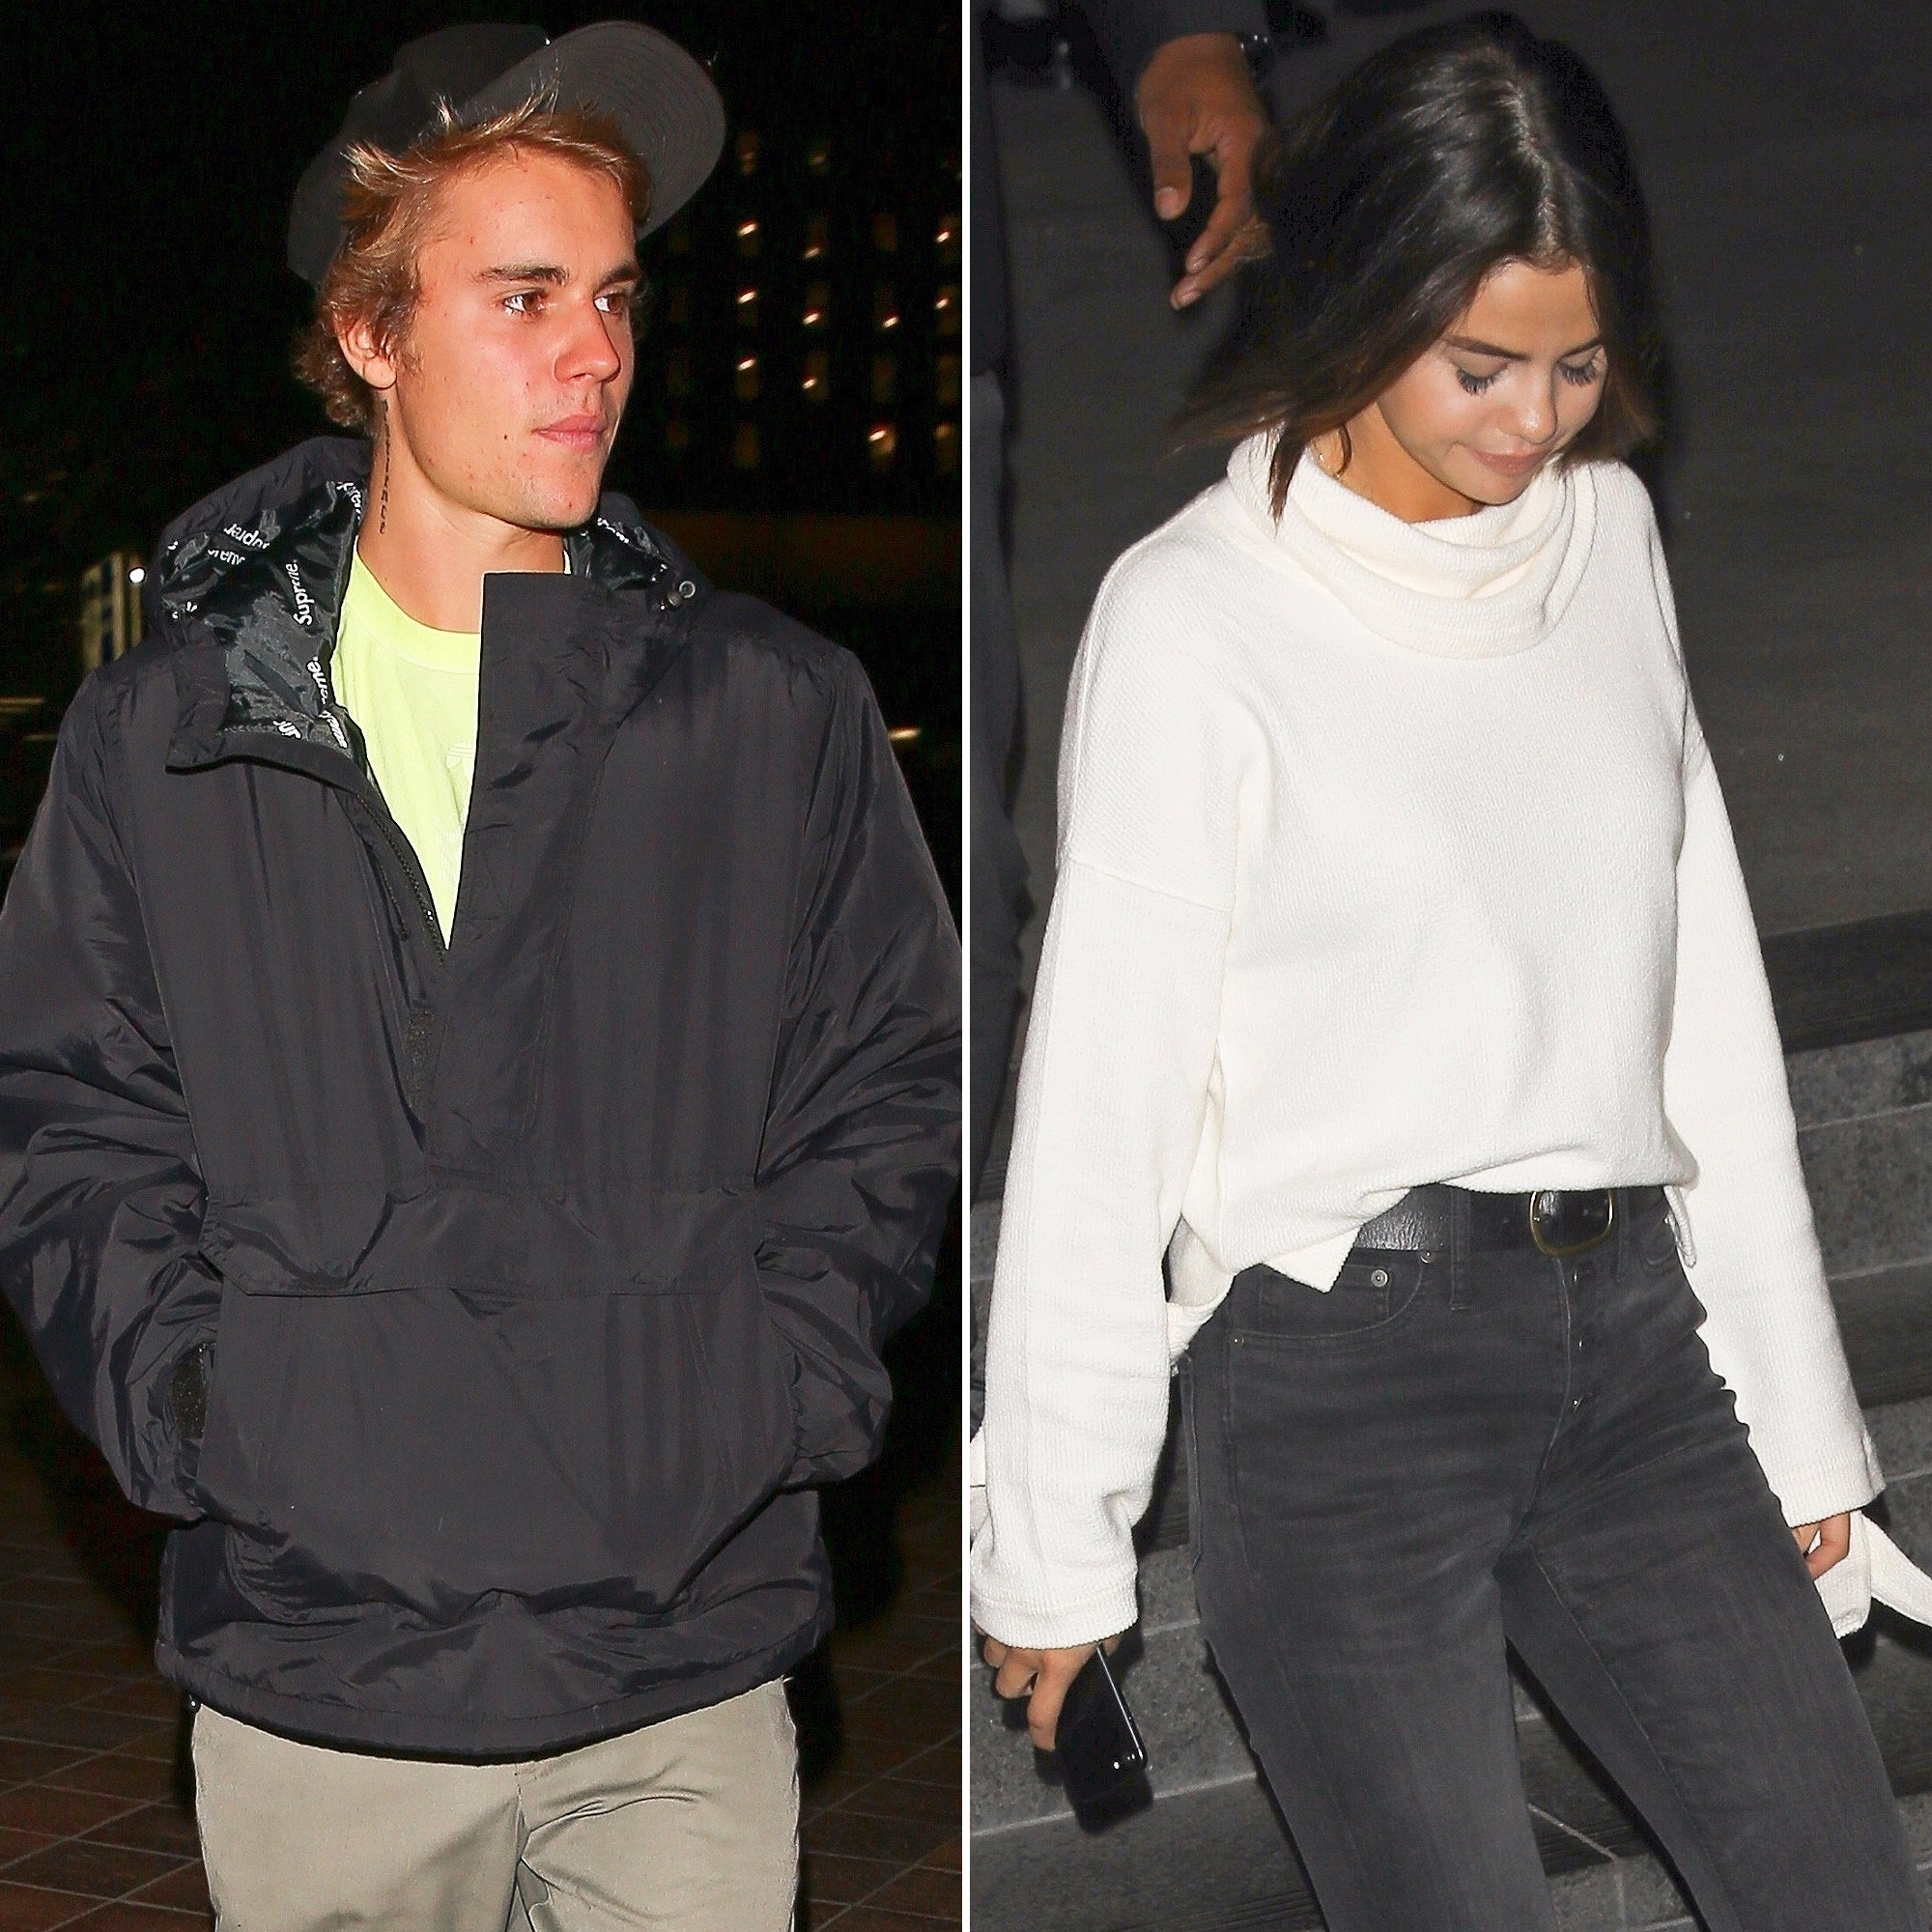 Bieber selena dating justin